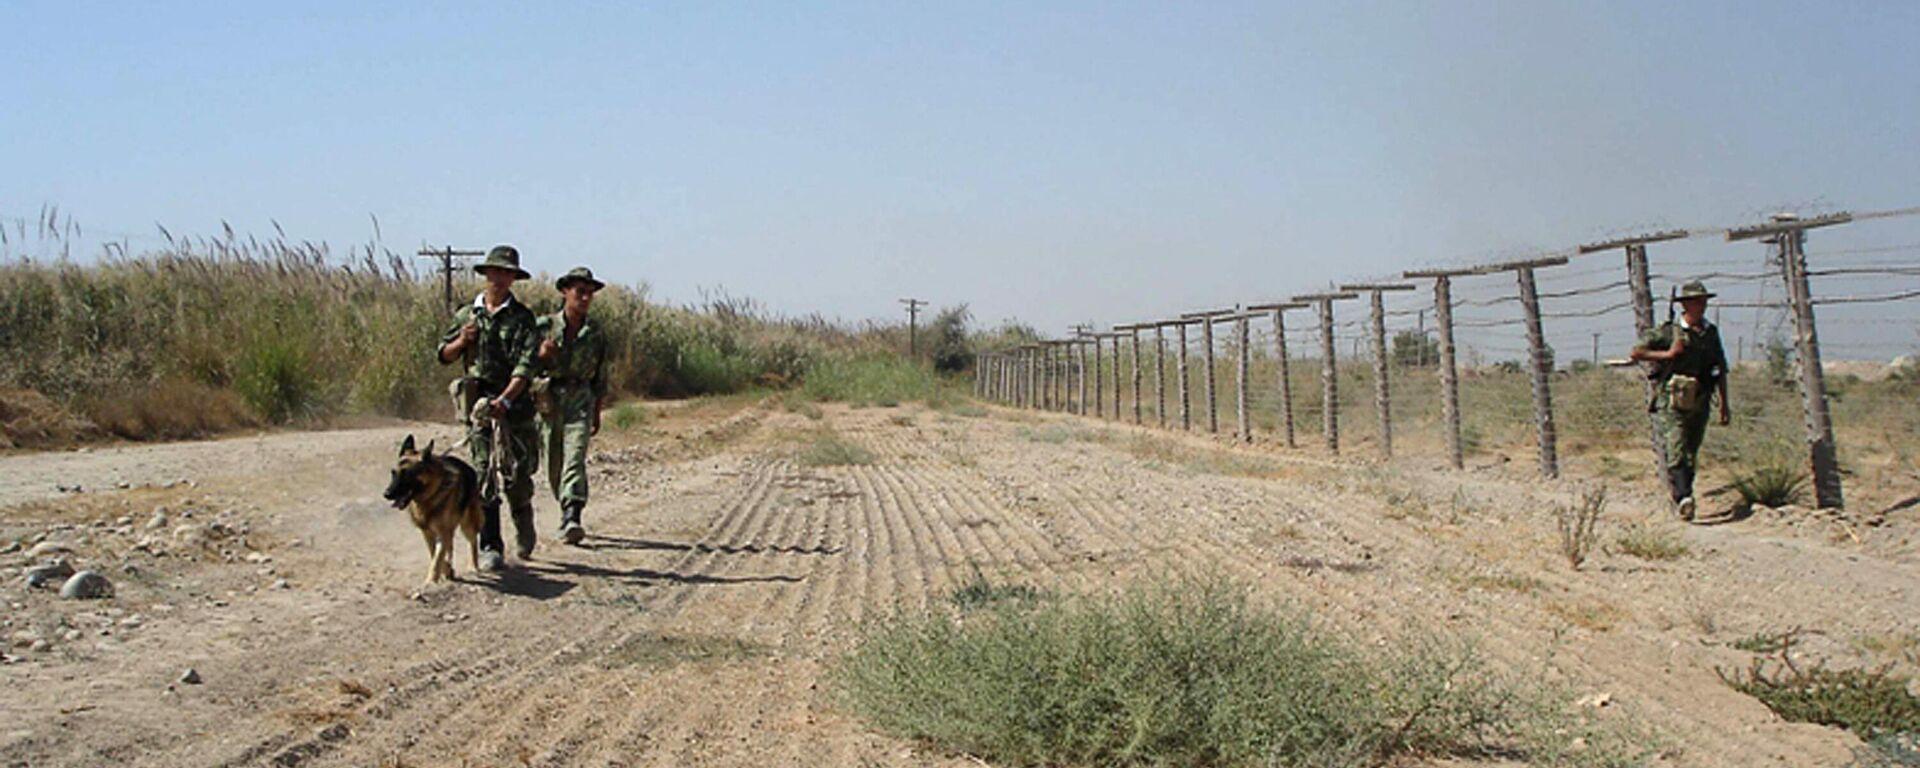 Таджикские пограничники на границе с Афганистаном - Sputnik Ўзбекистон, 1920, 24.06.2021